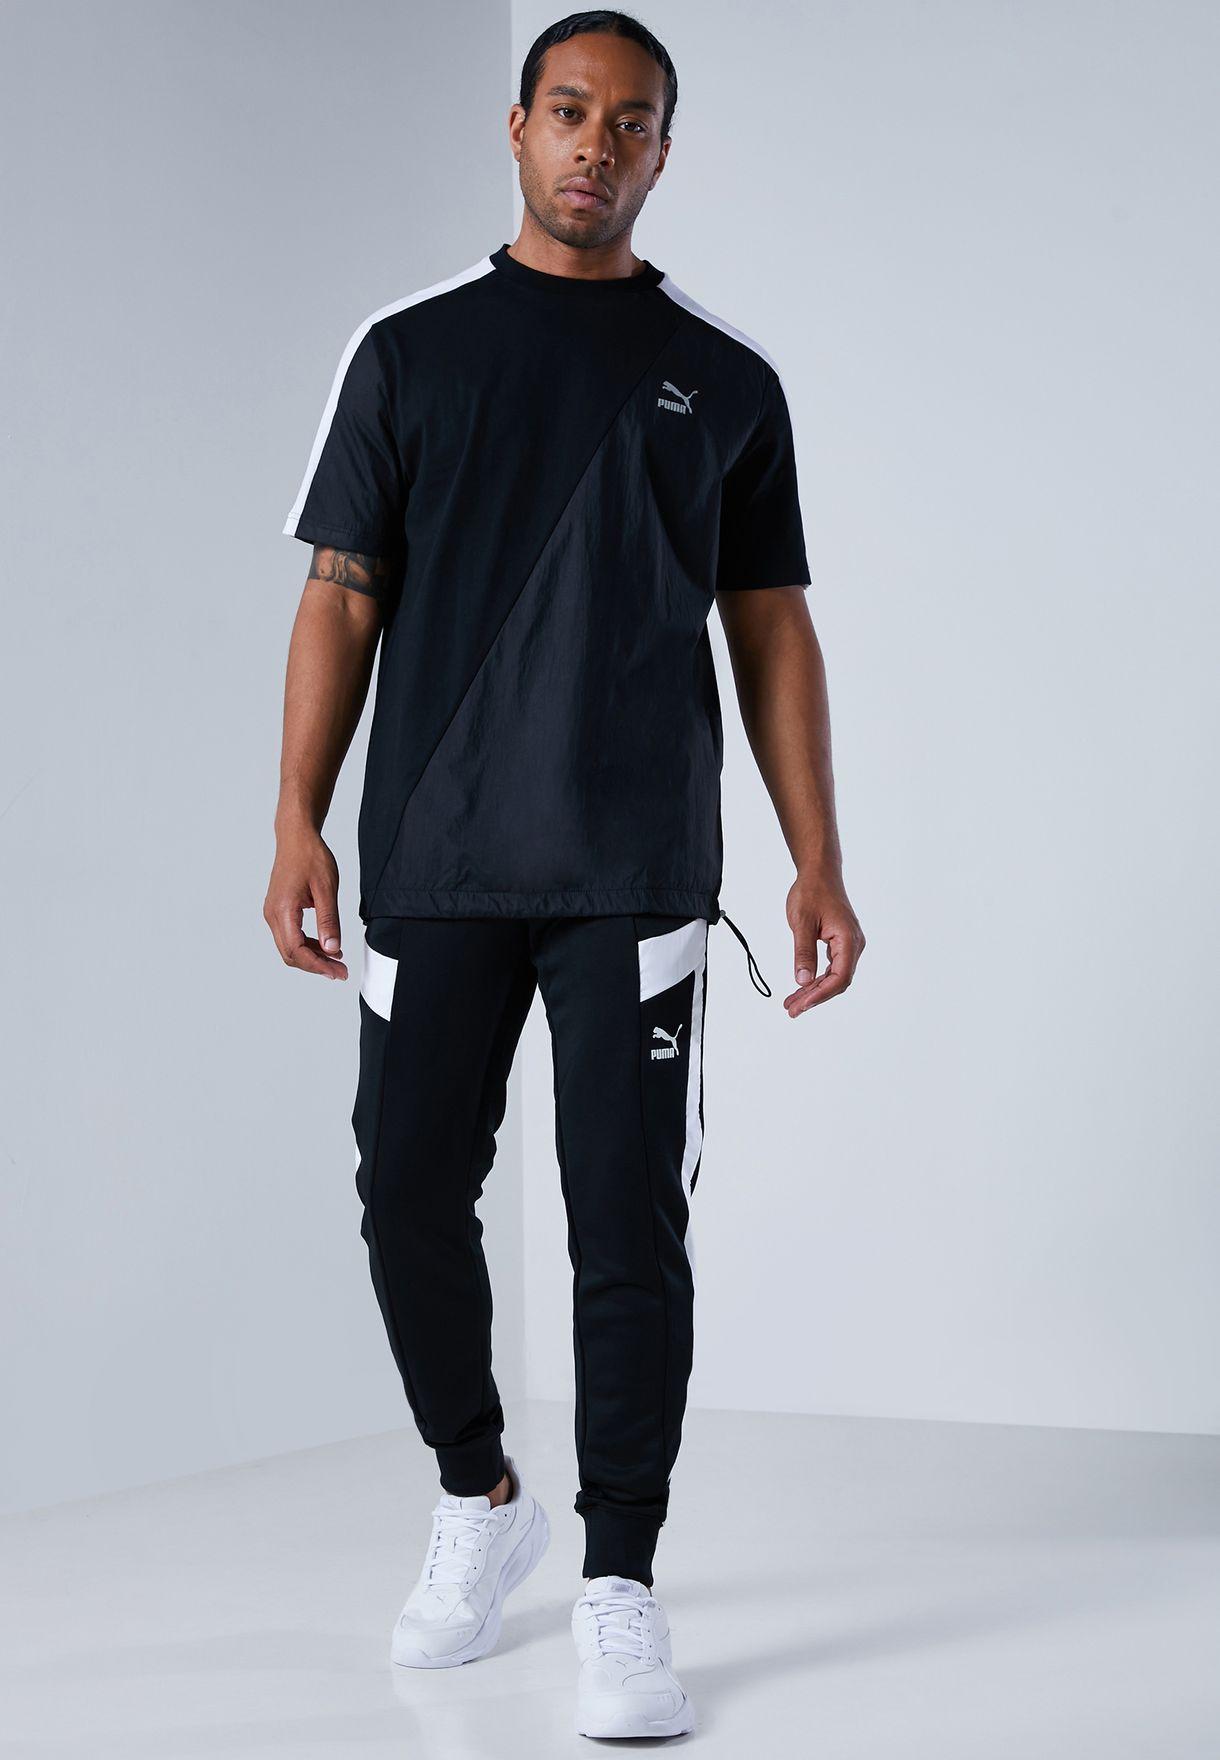 T7 2020 Fashion T-Shirt